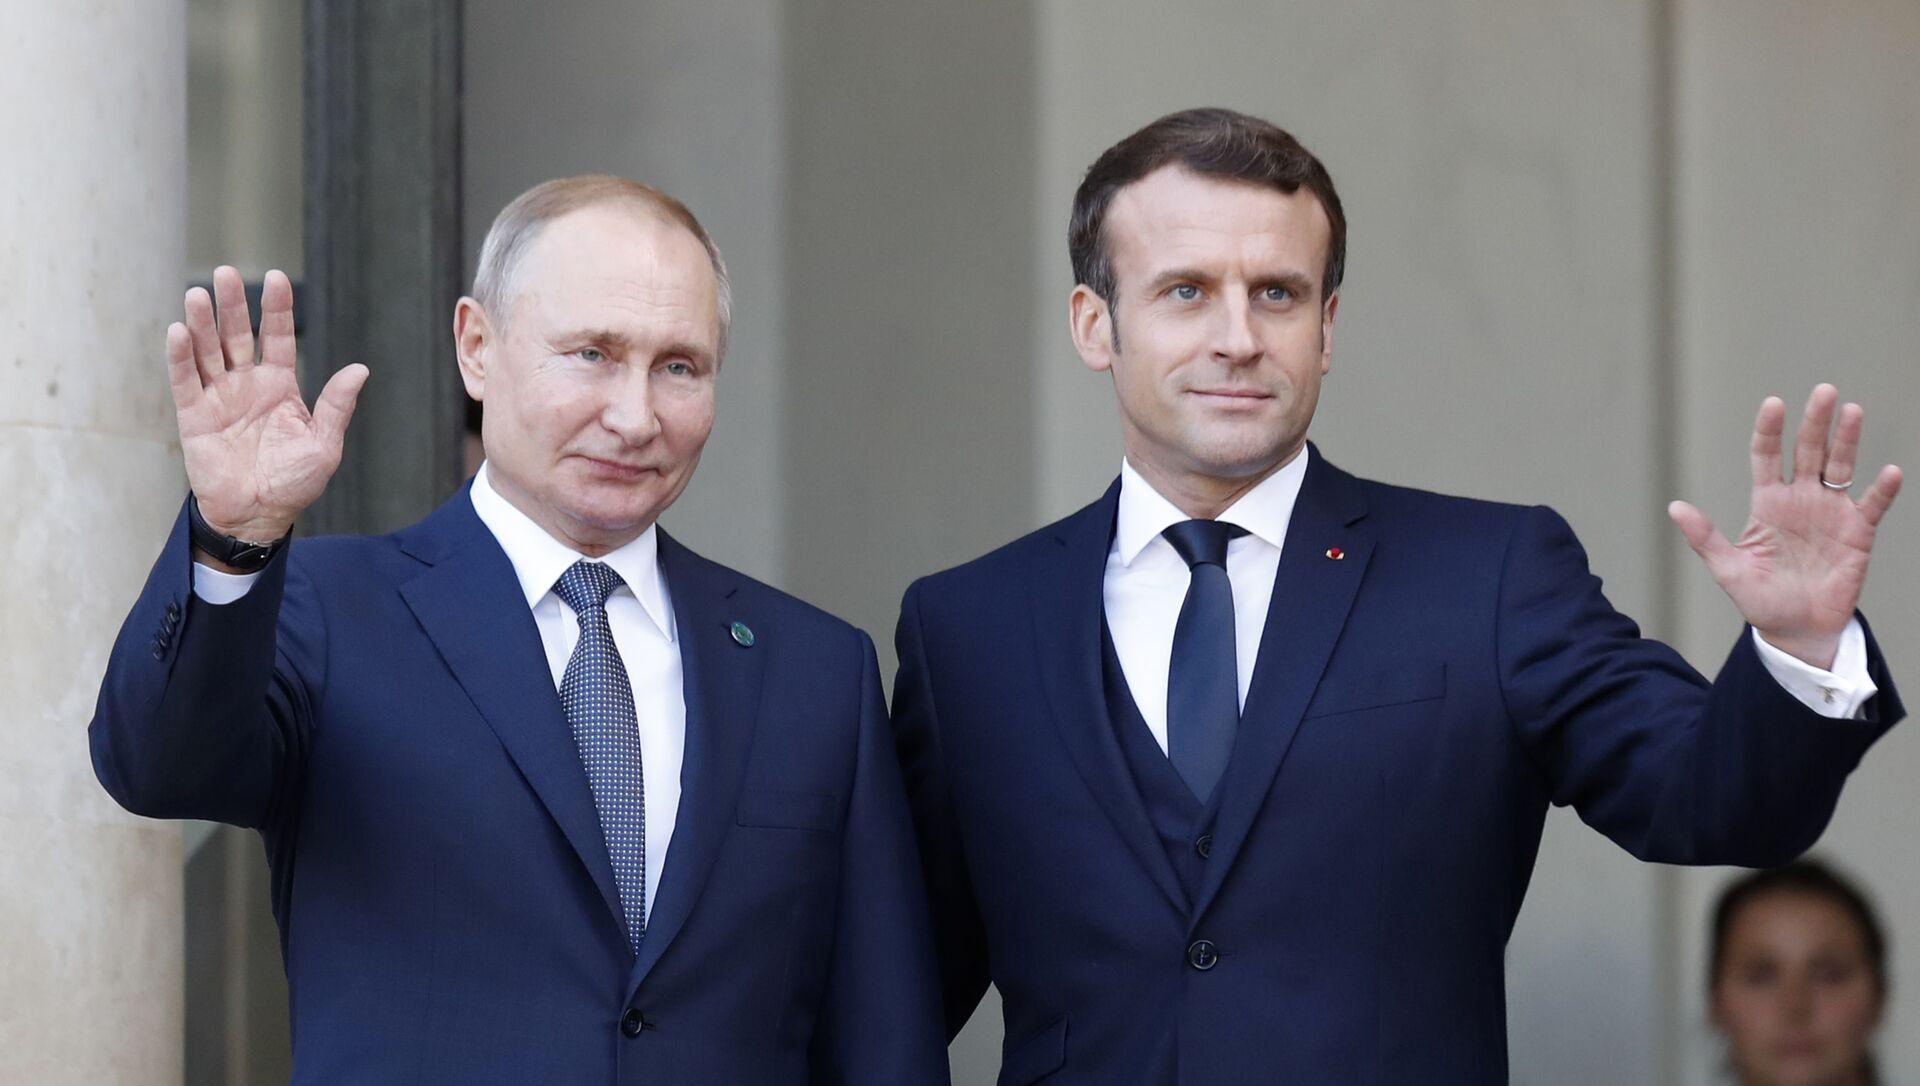 Президент Эммануил Макрон (справа) и президент России Владимир Путин машут в Елисейском дворце в понедельник, 9 декабря 2019 года в Париже - Sputnik Азербайджан, 1920, 26.04.2021